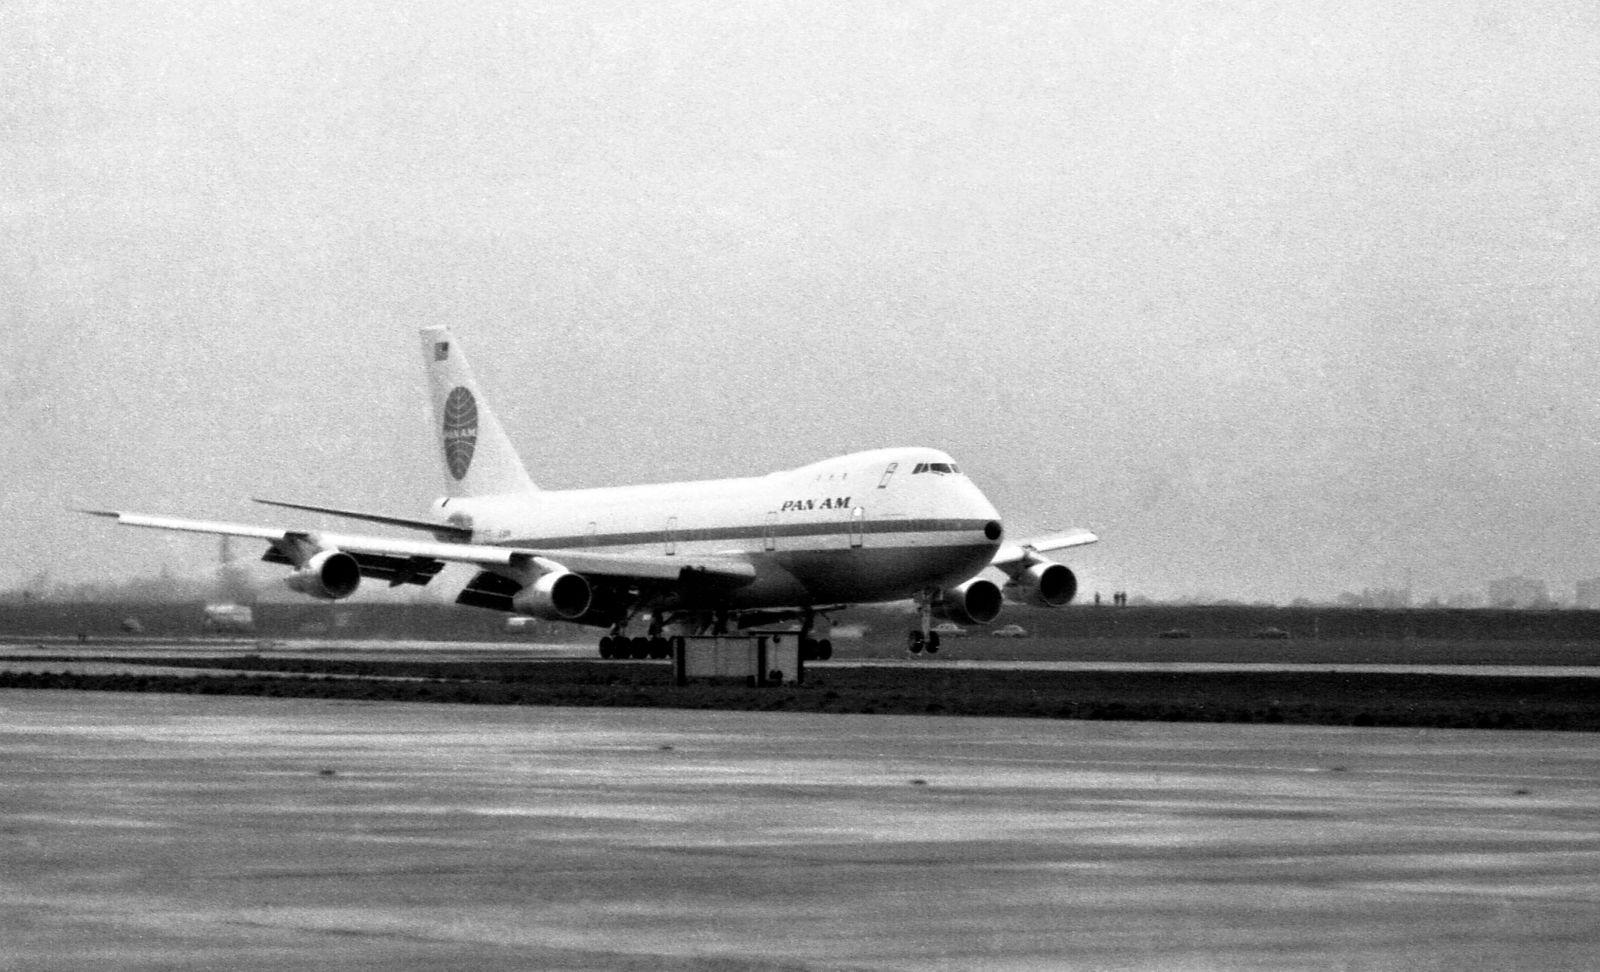 England Boeing First Transatlantic Flight